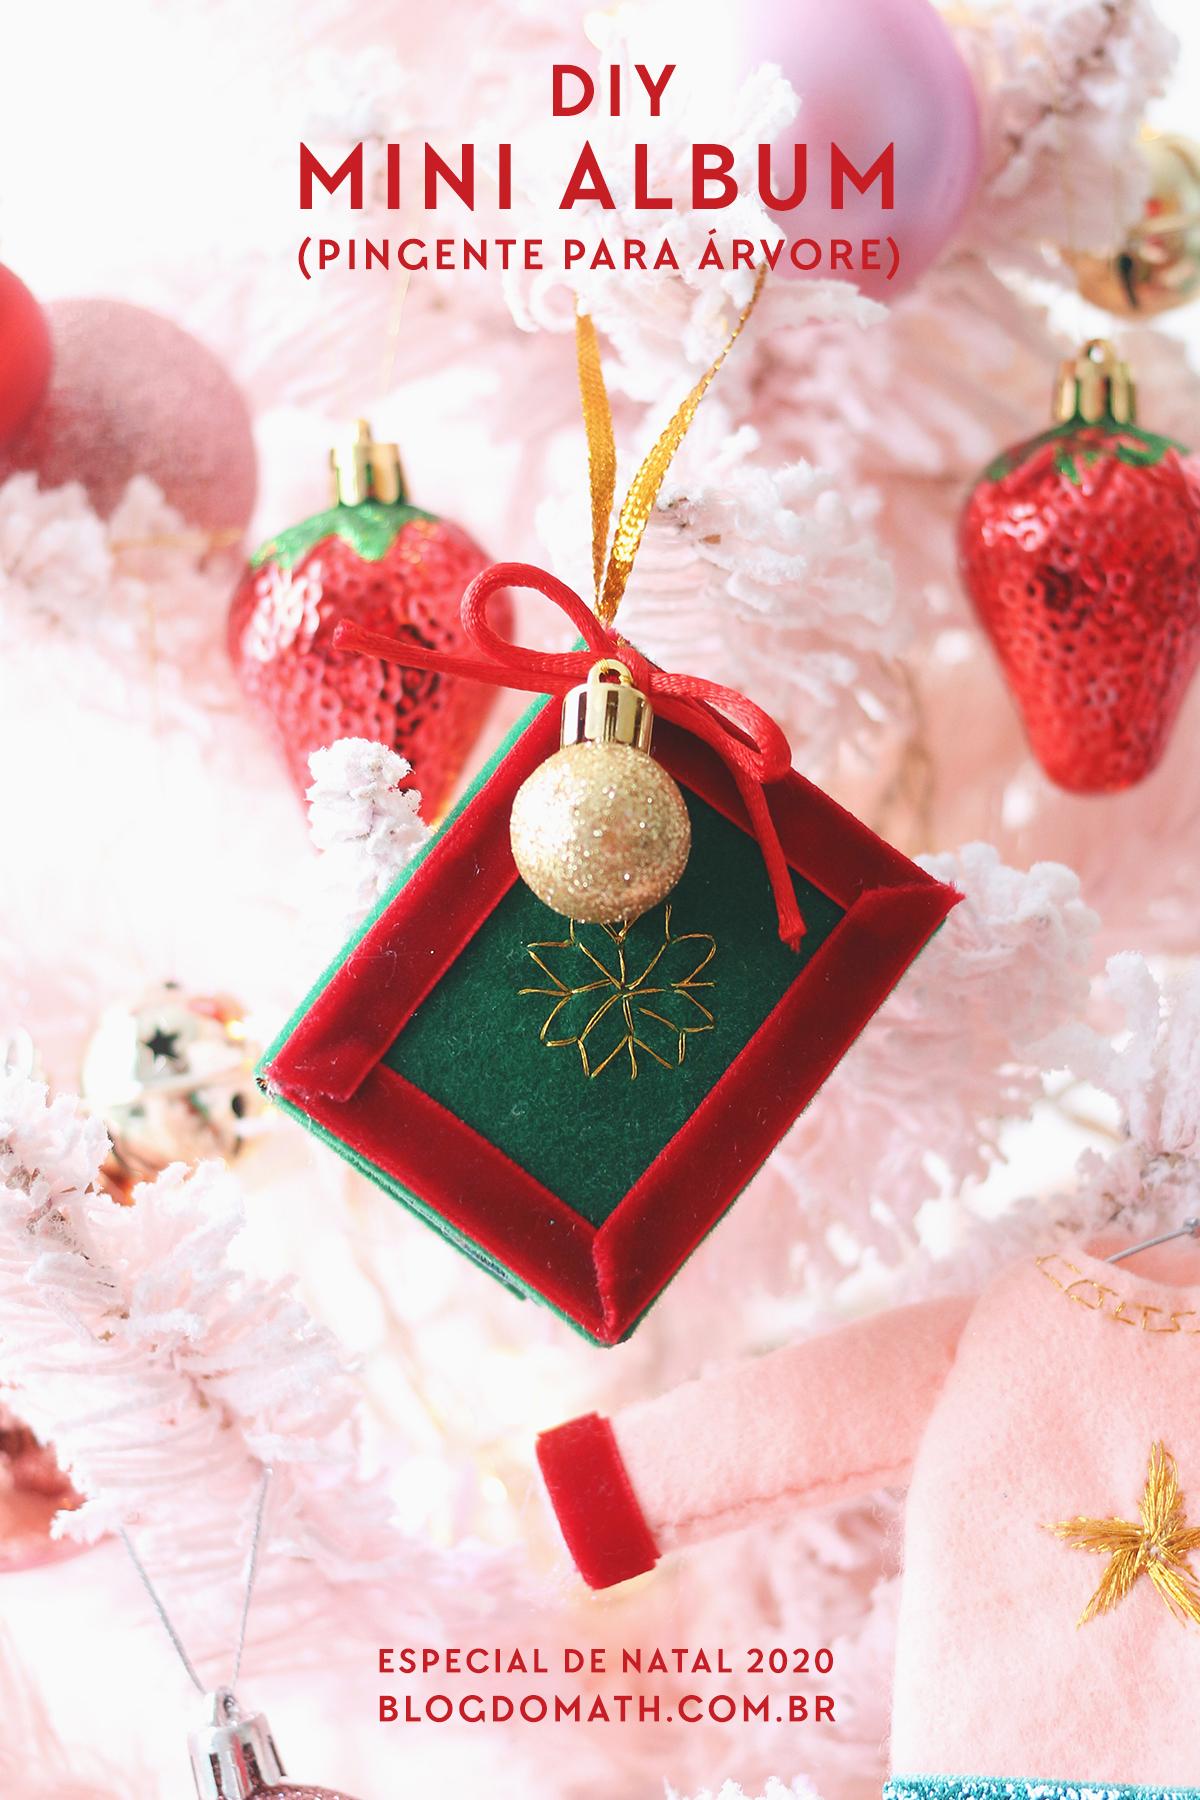 decoração arvore de natal com fotos da familia pingente enfeite mini album artesanato com moldes gratis passo a passo como fazer pinterest blog do mat